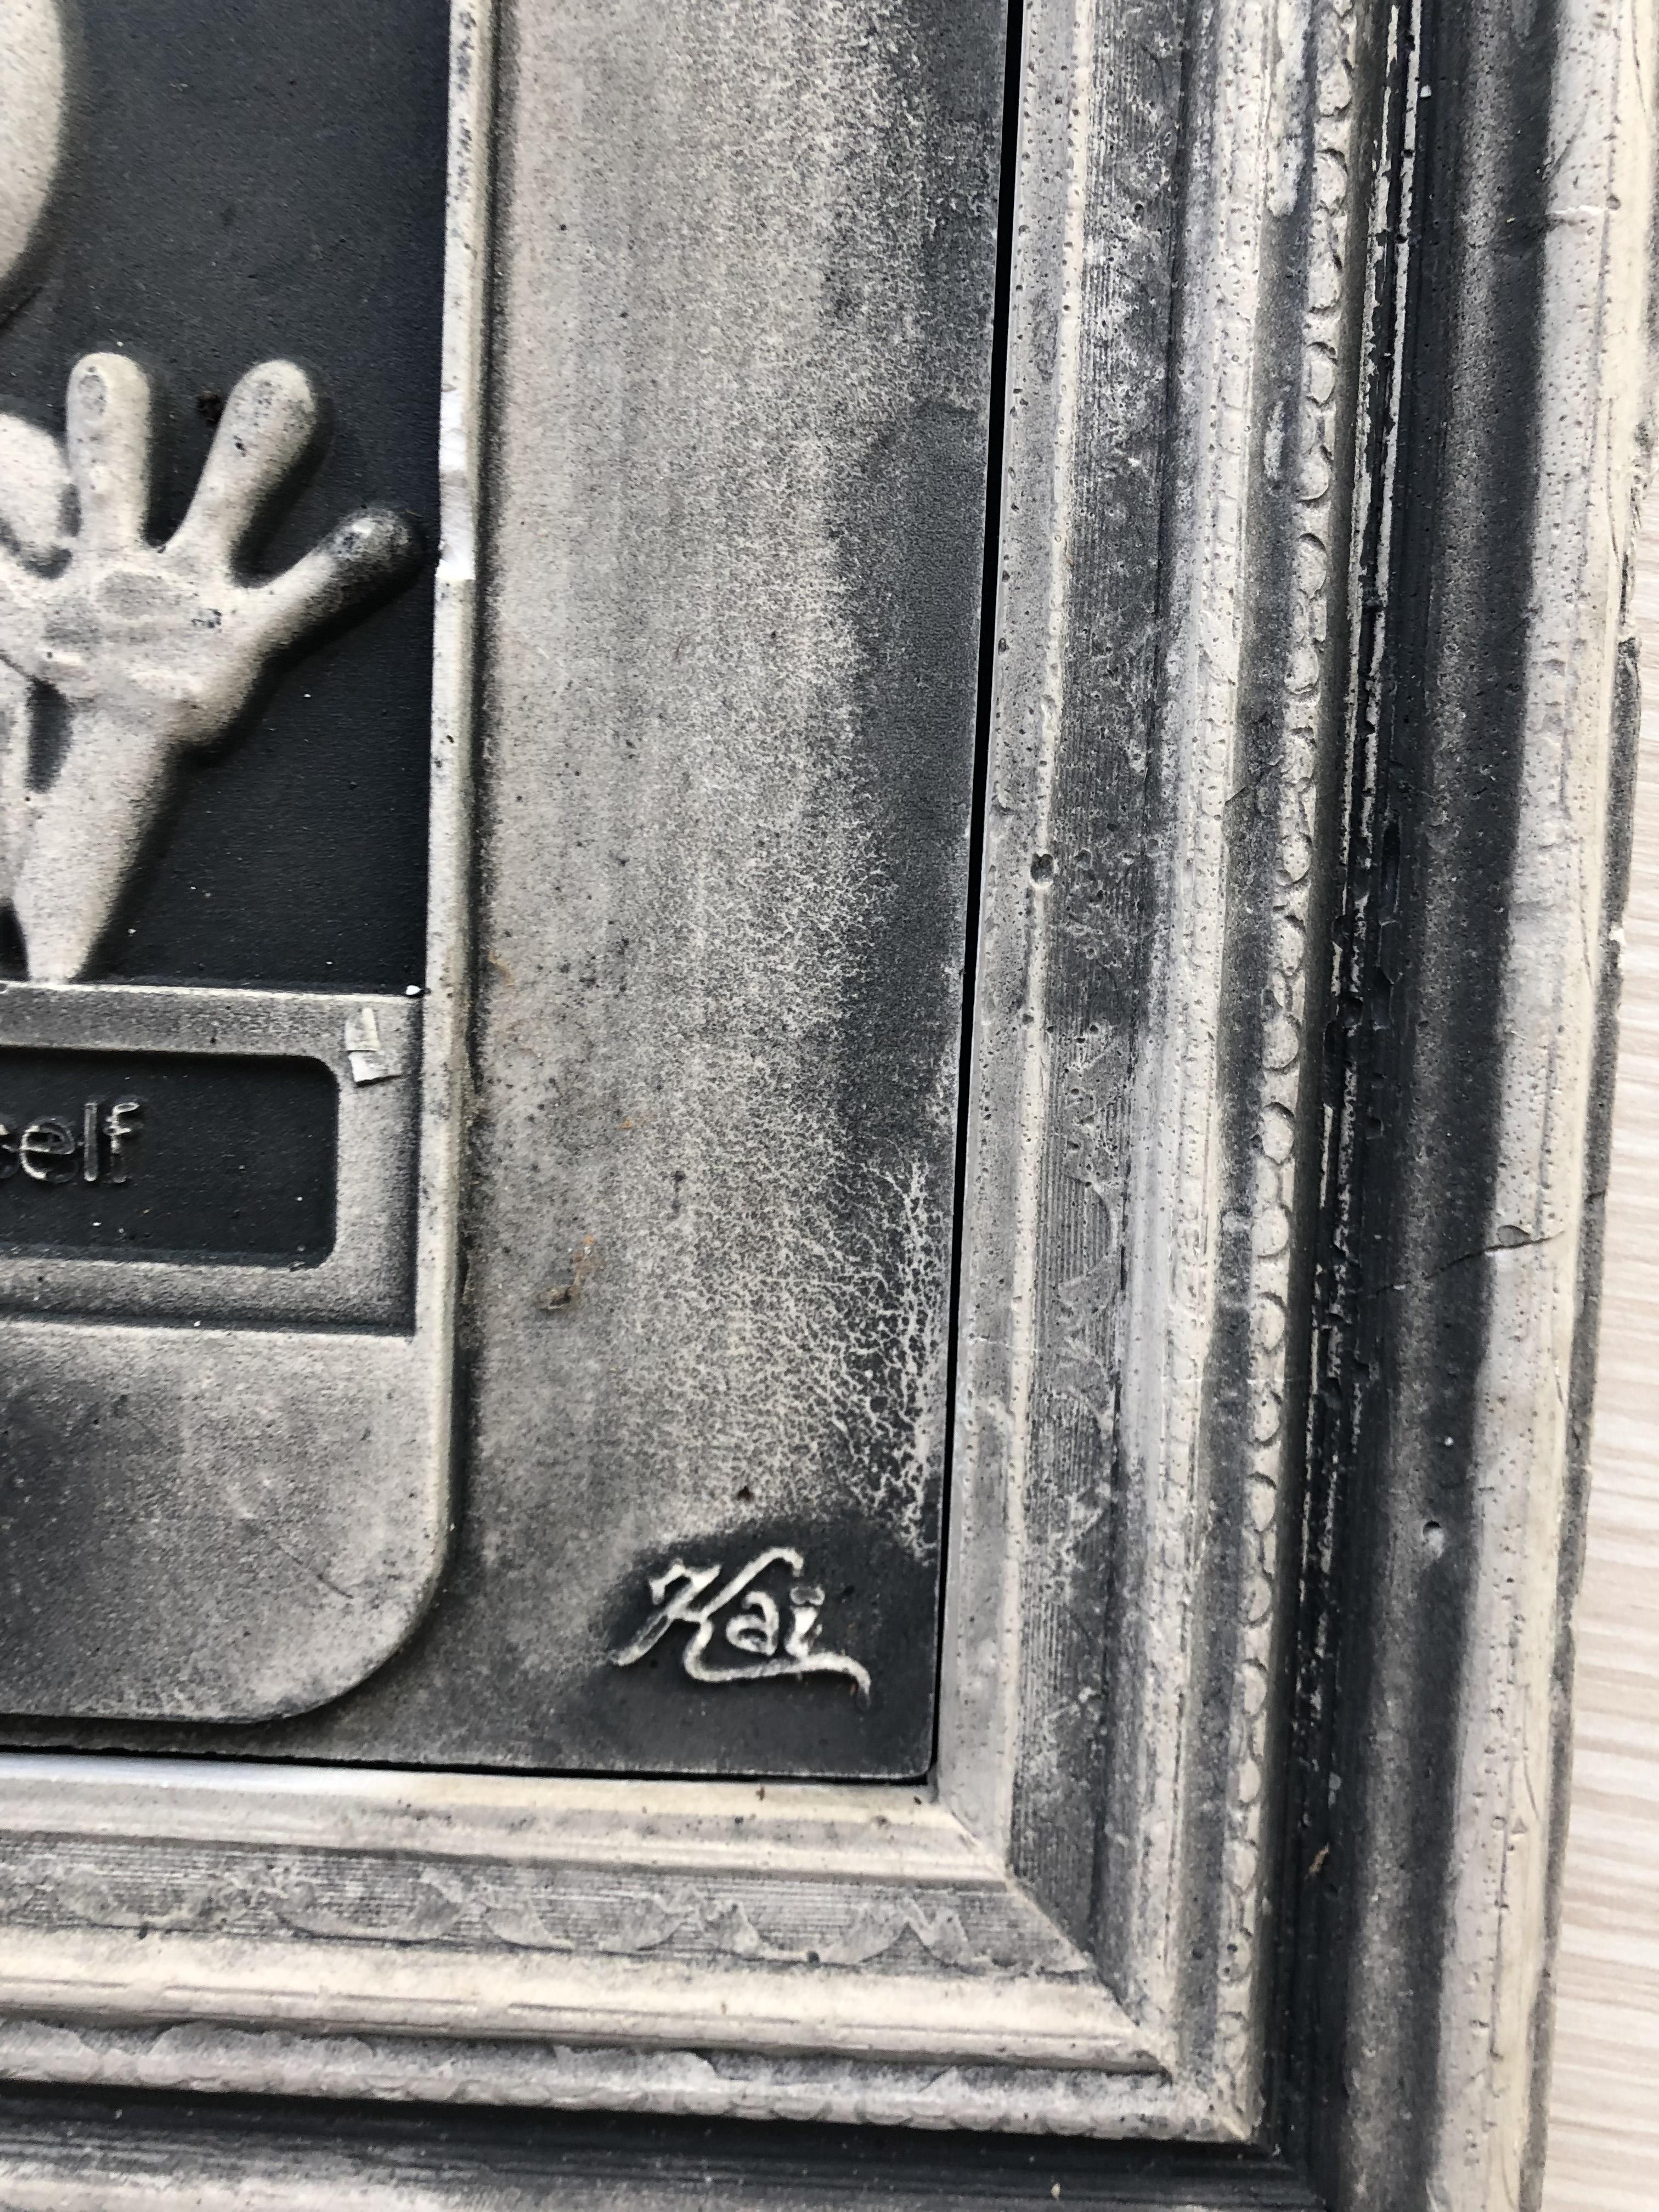 KAI Aspire Cement Technology Sculpture